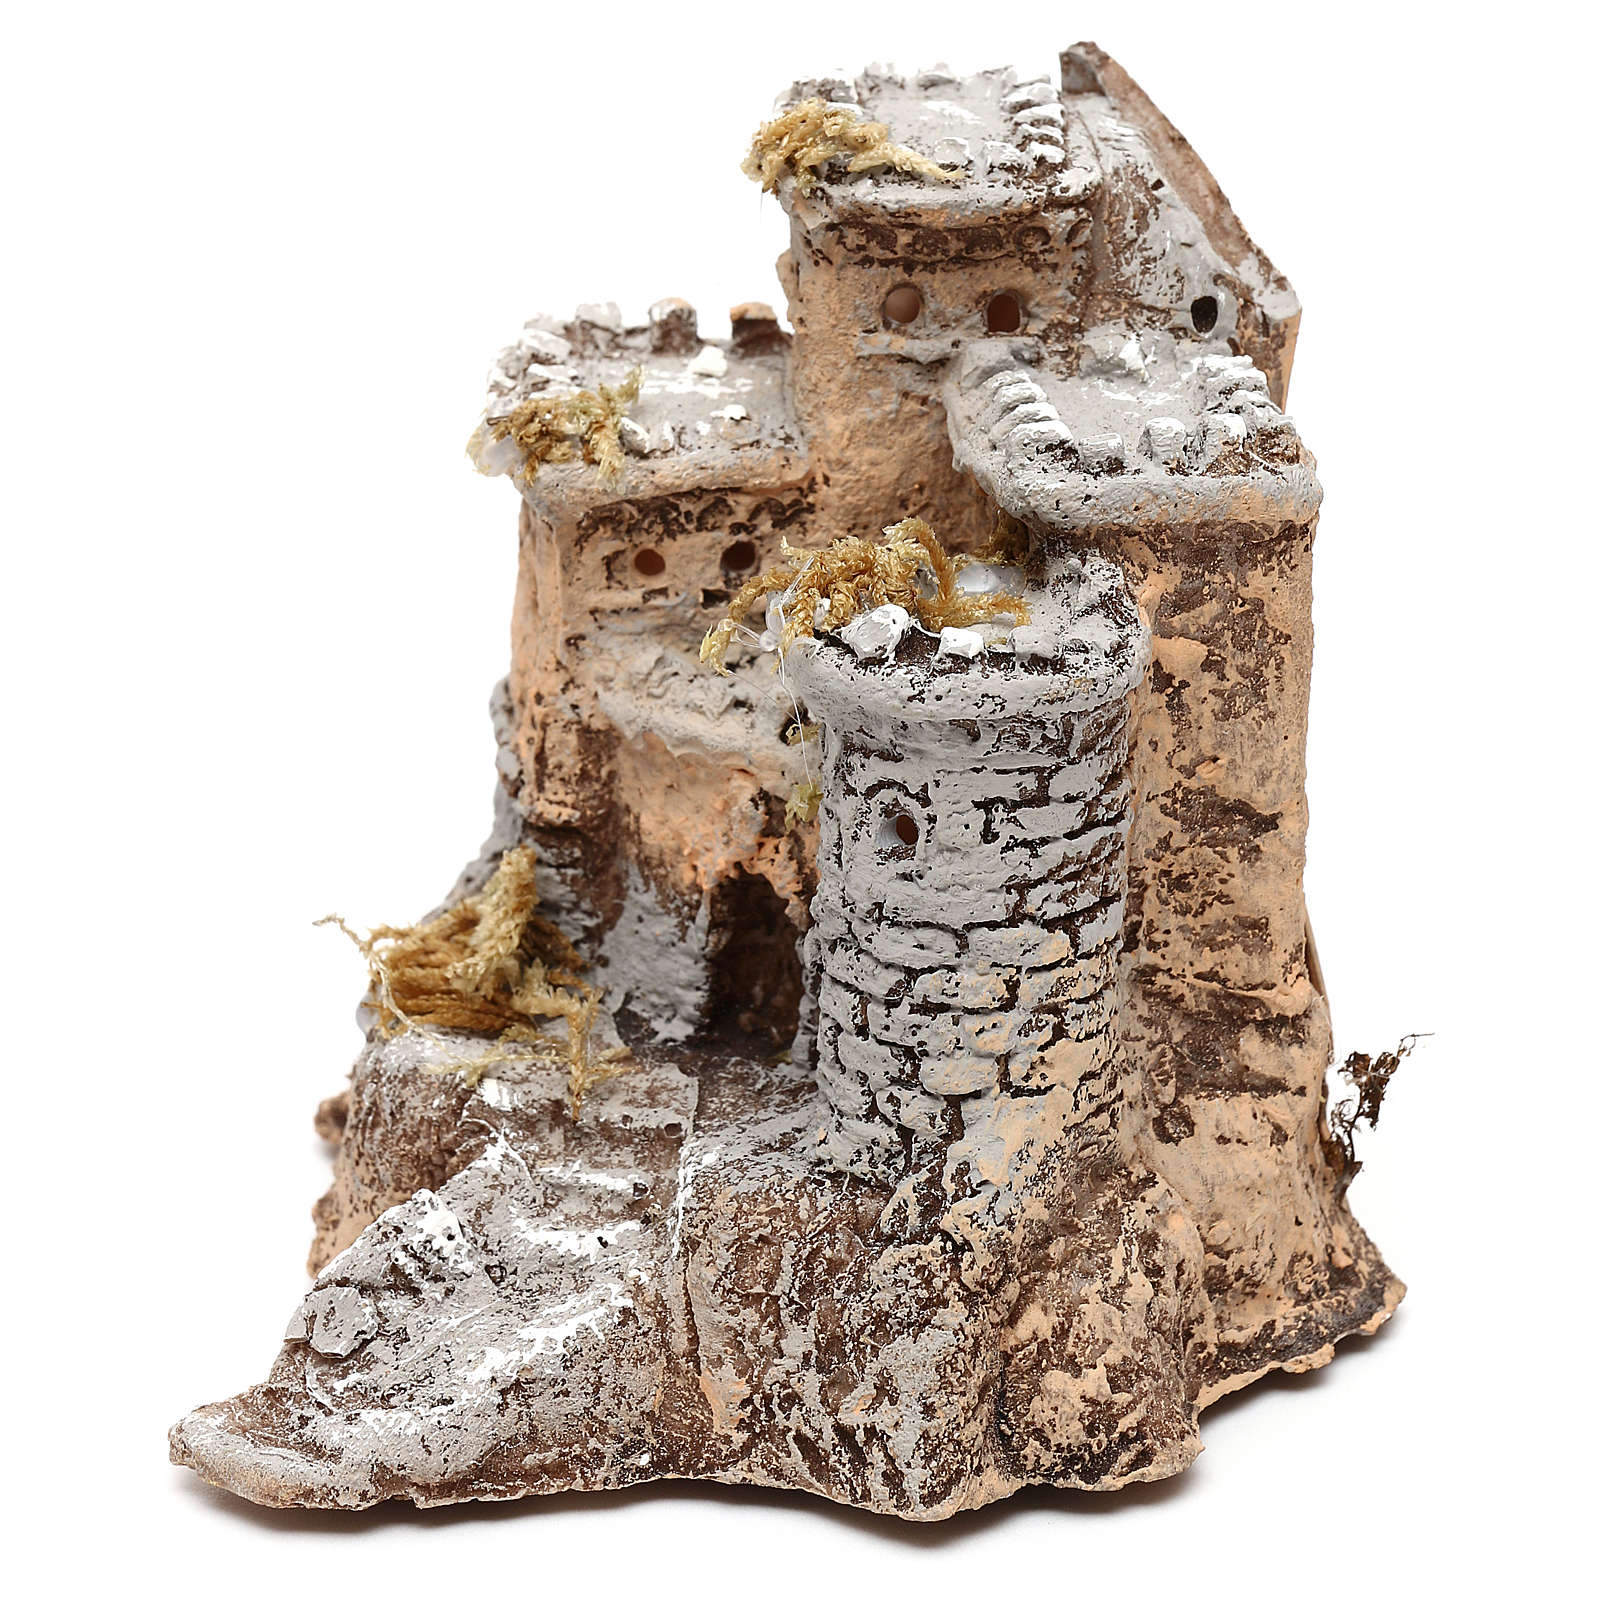 Castillo de resina 10x10x10 cm belén napoliano 4 cm 4